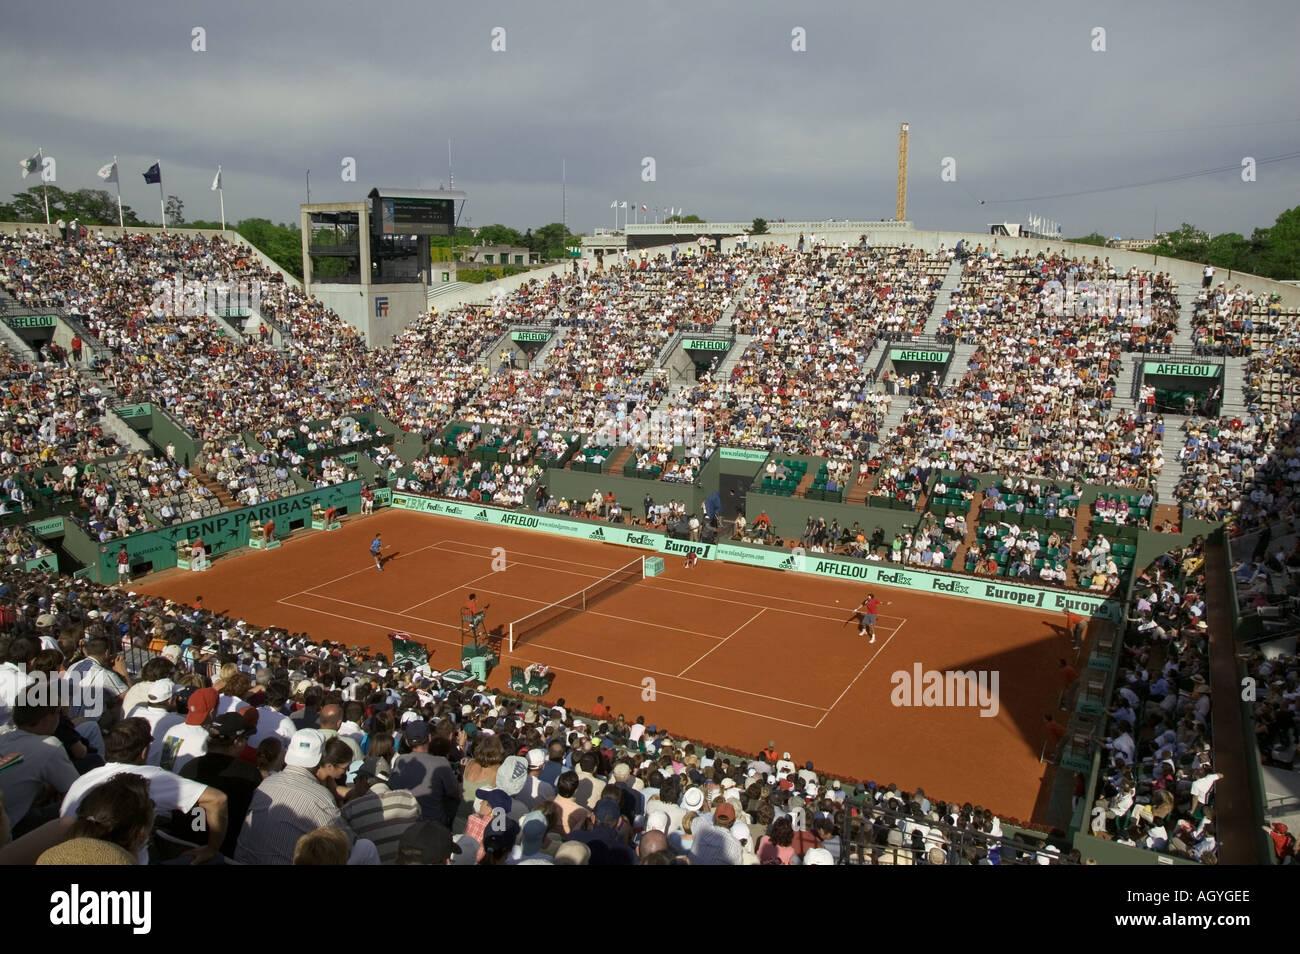 France Paris Tennis Roland Garros tournament on Suzanne Lenglen